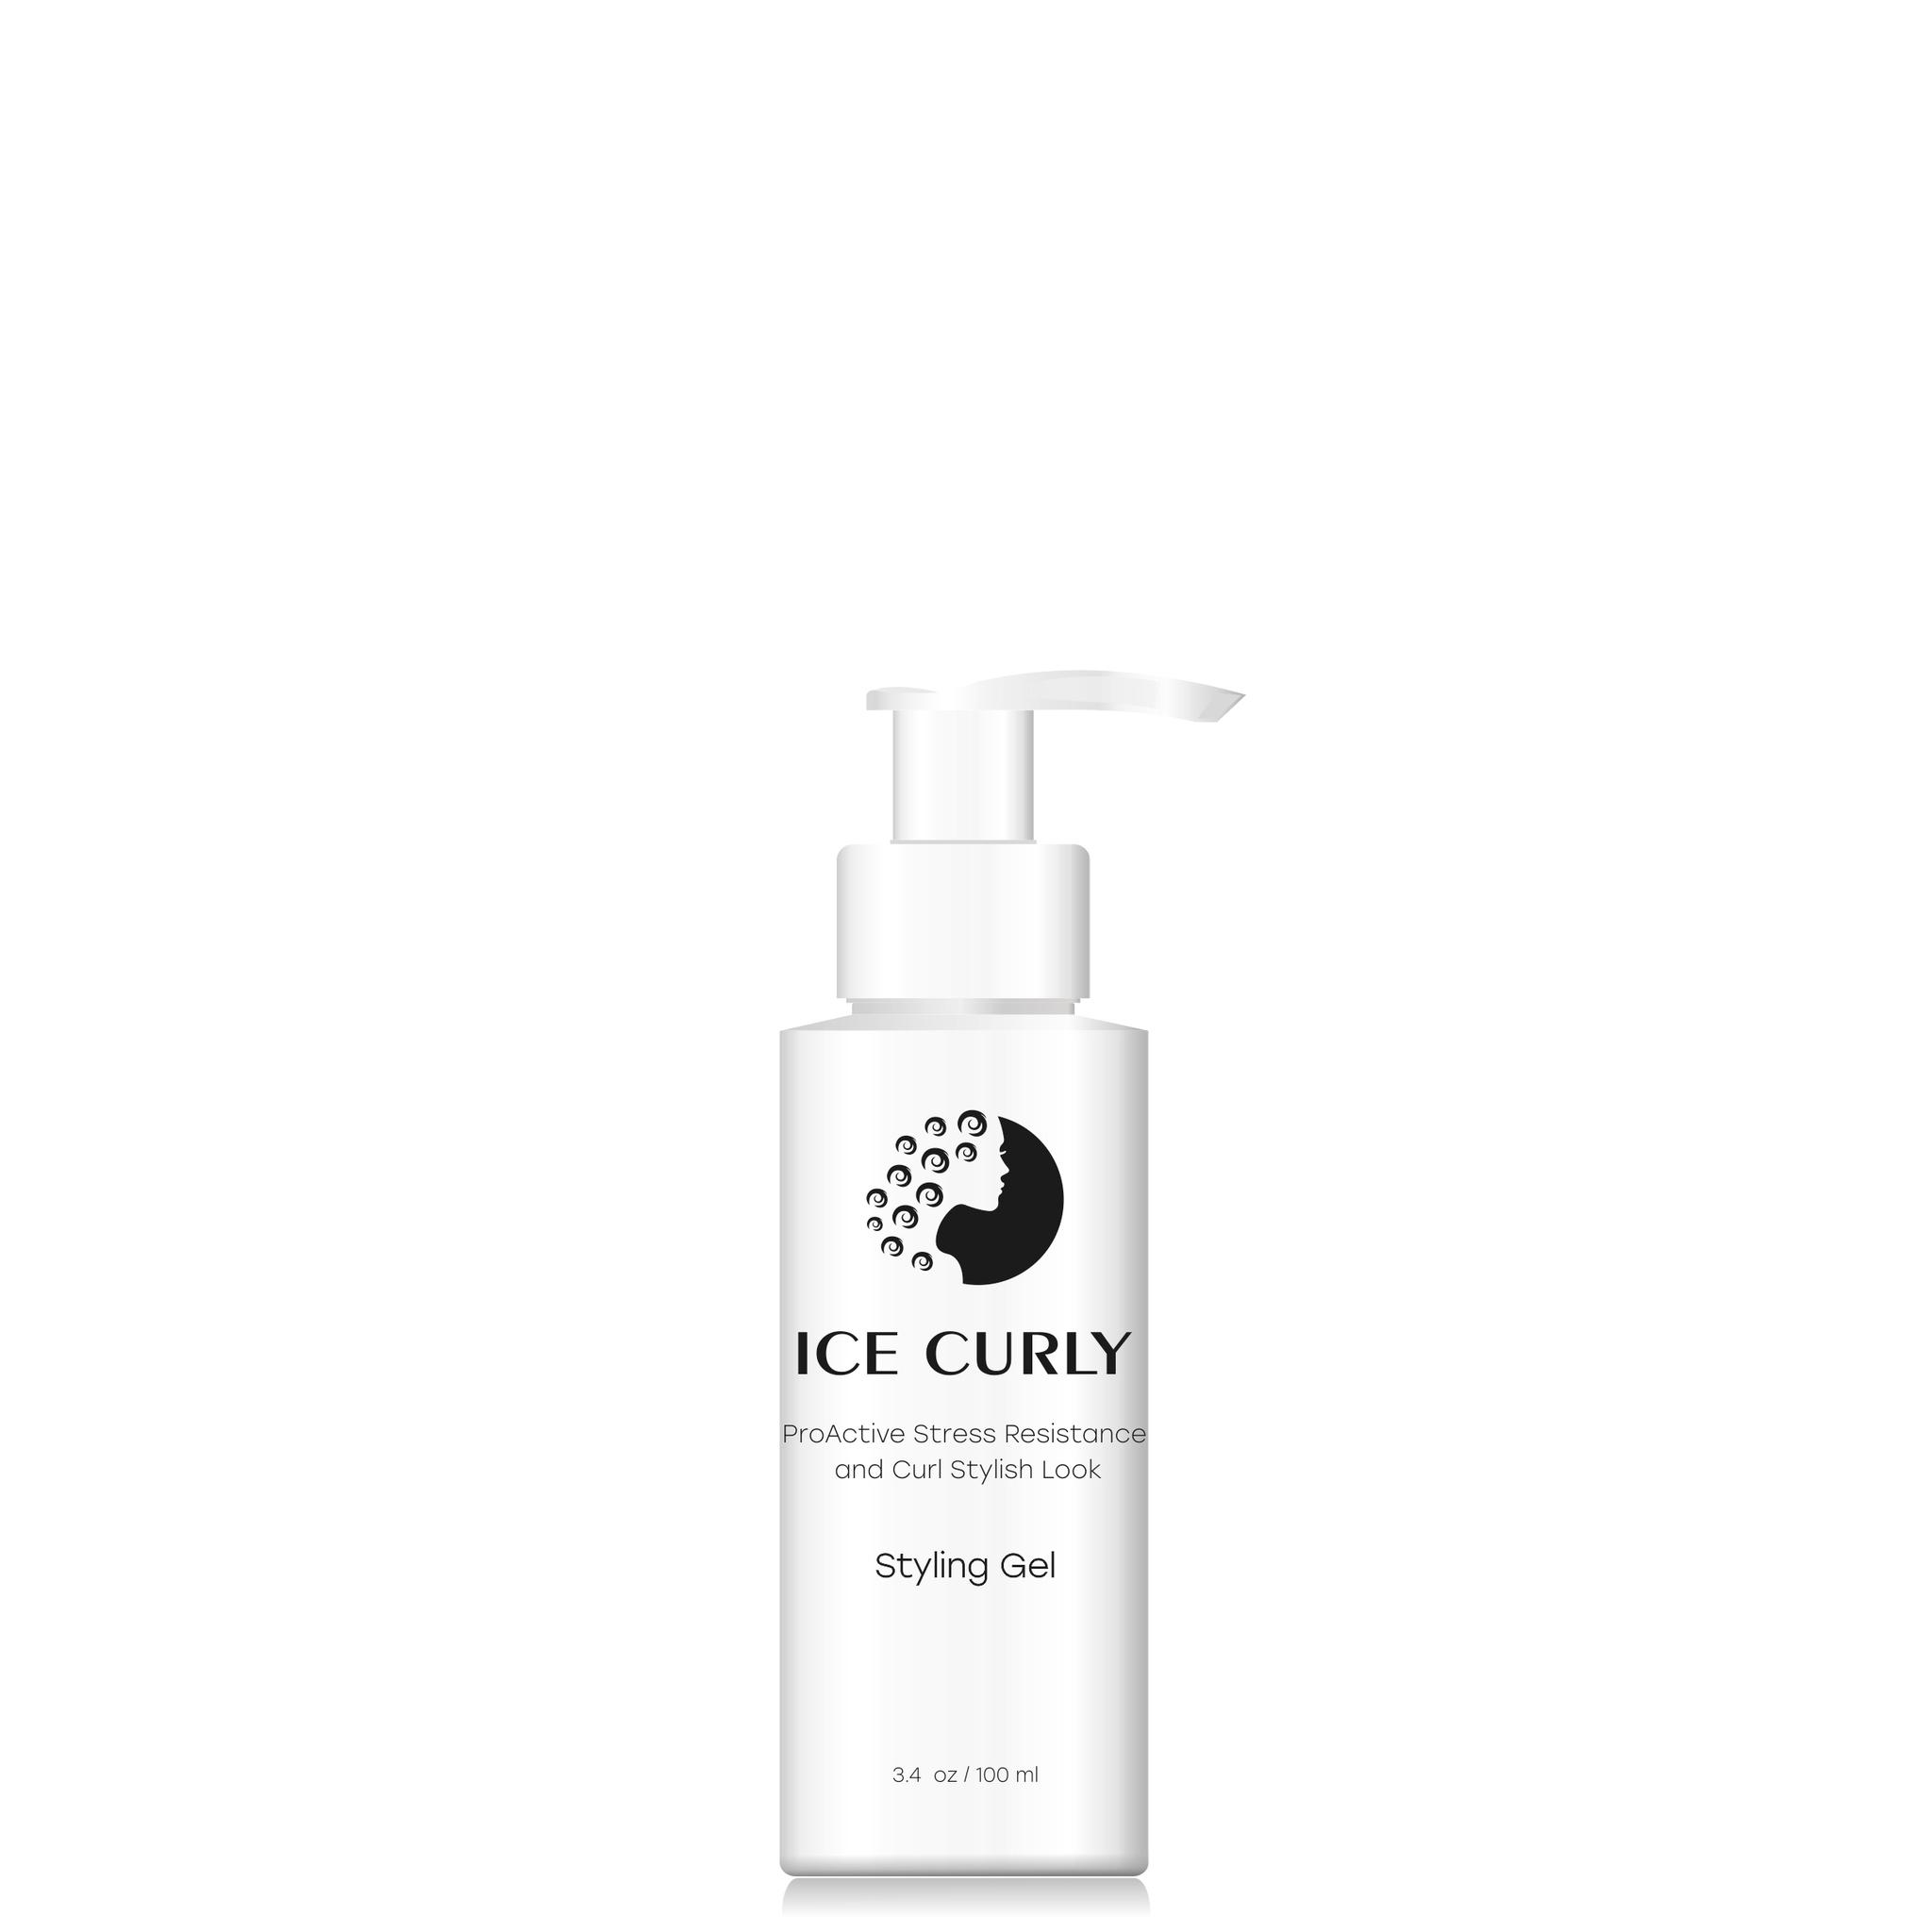 ICE CURLY, гель для укладки и защиты волос от стресса, для кудрявых волос, ProActive Stress Resistance and Curl Stylish Look Styling Gel